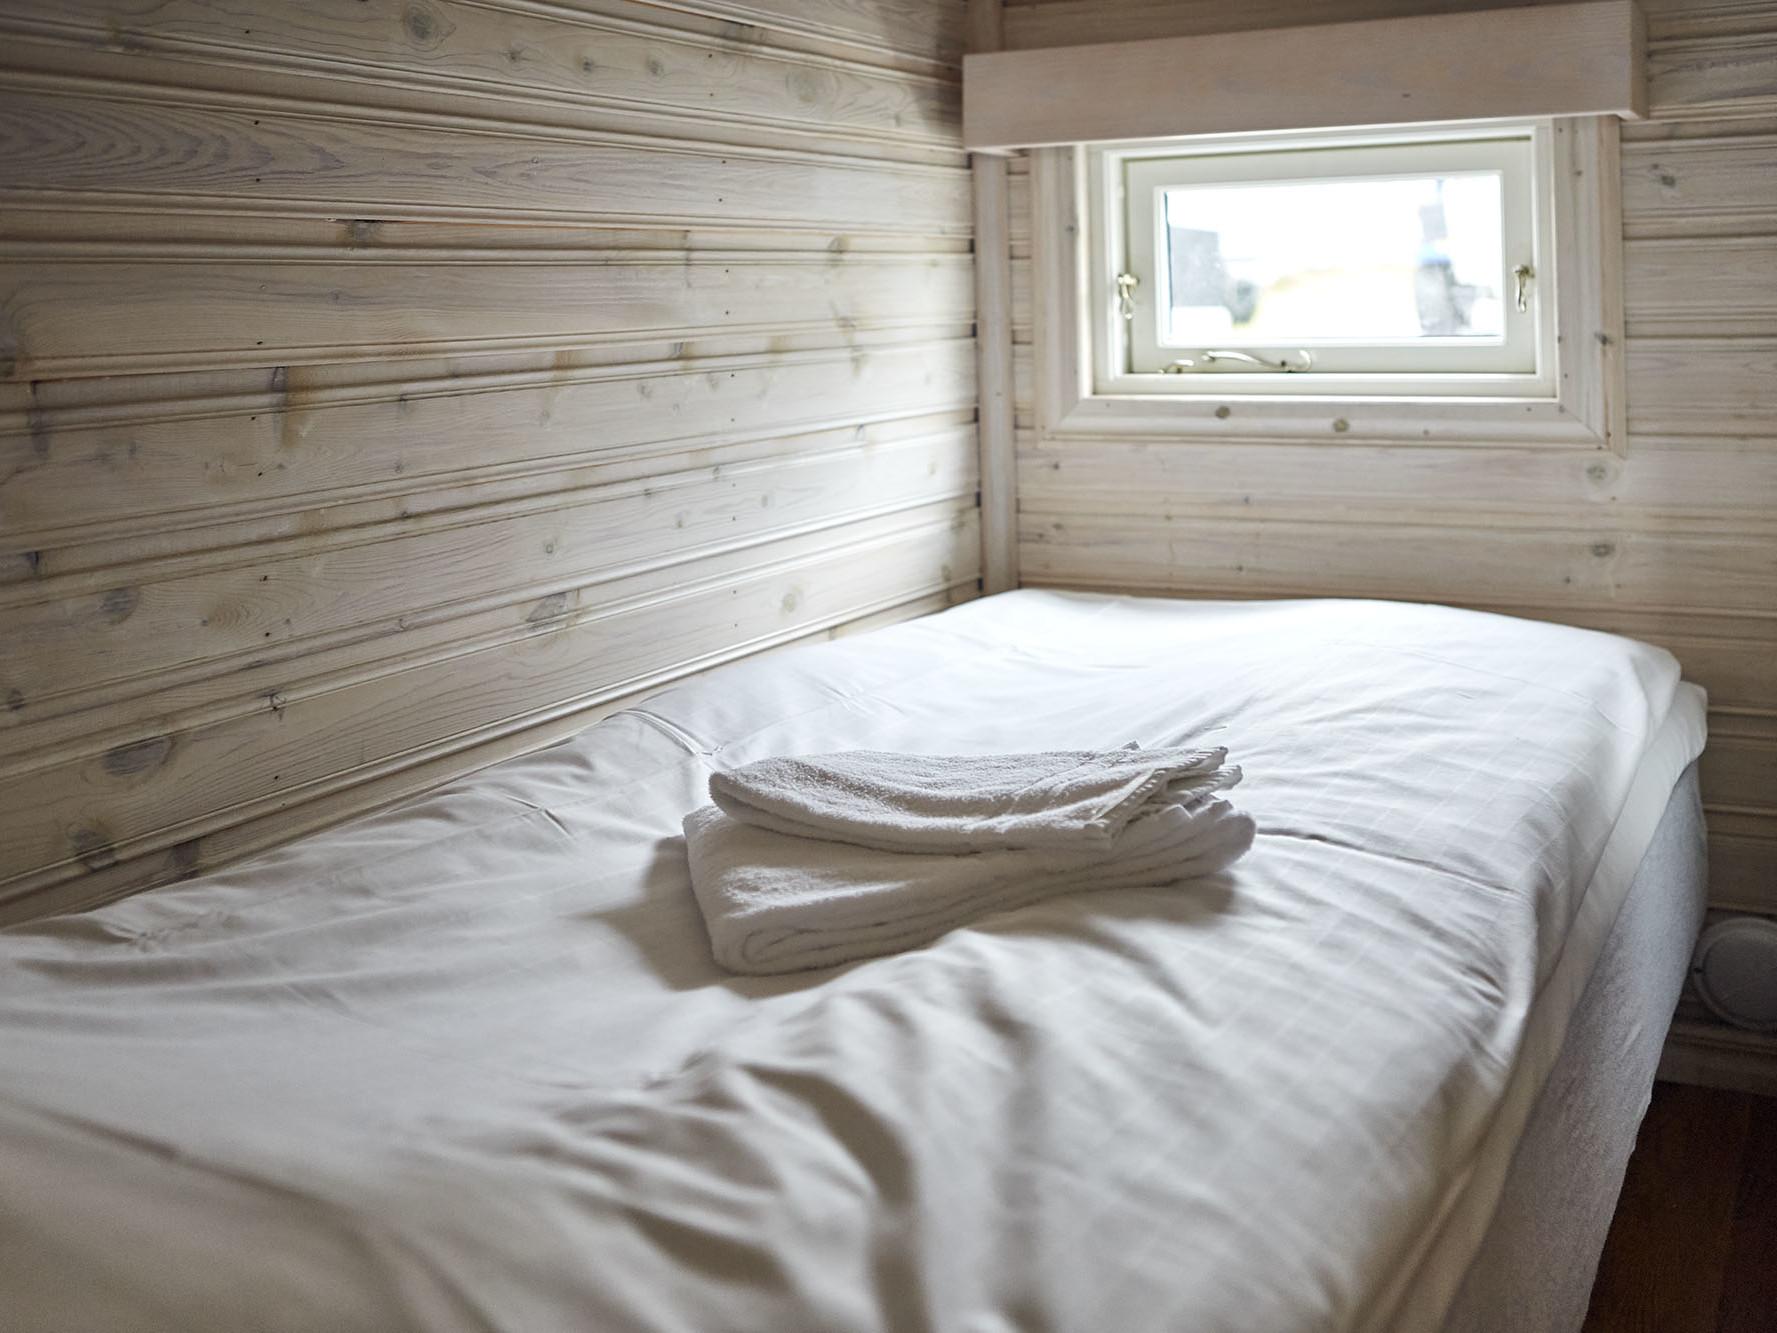 En säng i en stuga på Lagunen. Bäddad.